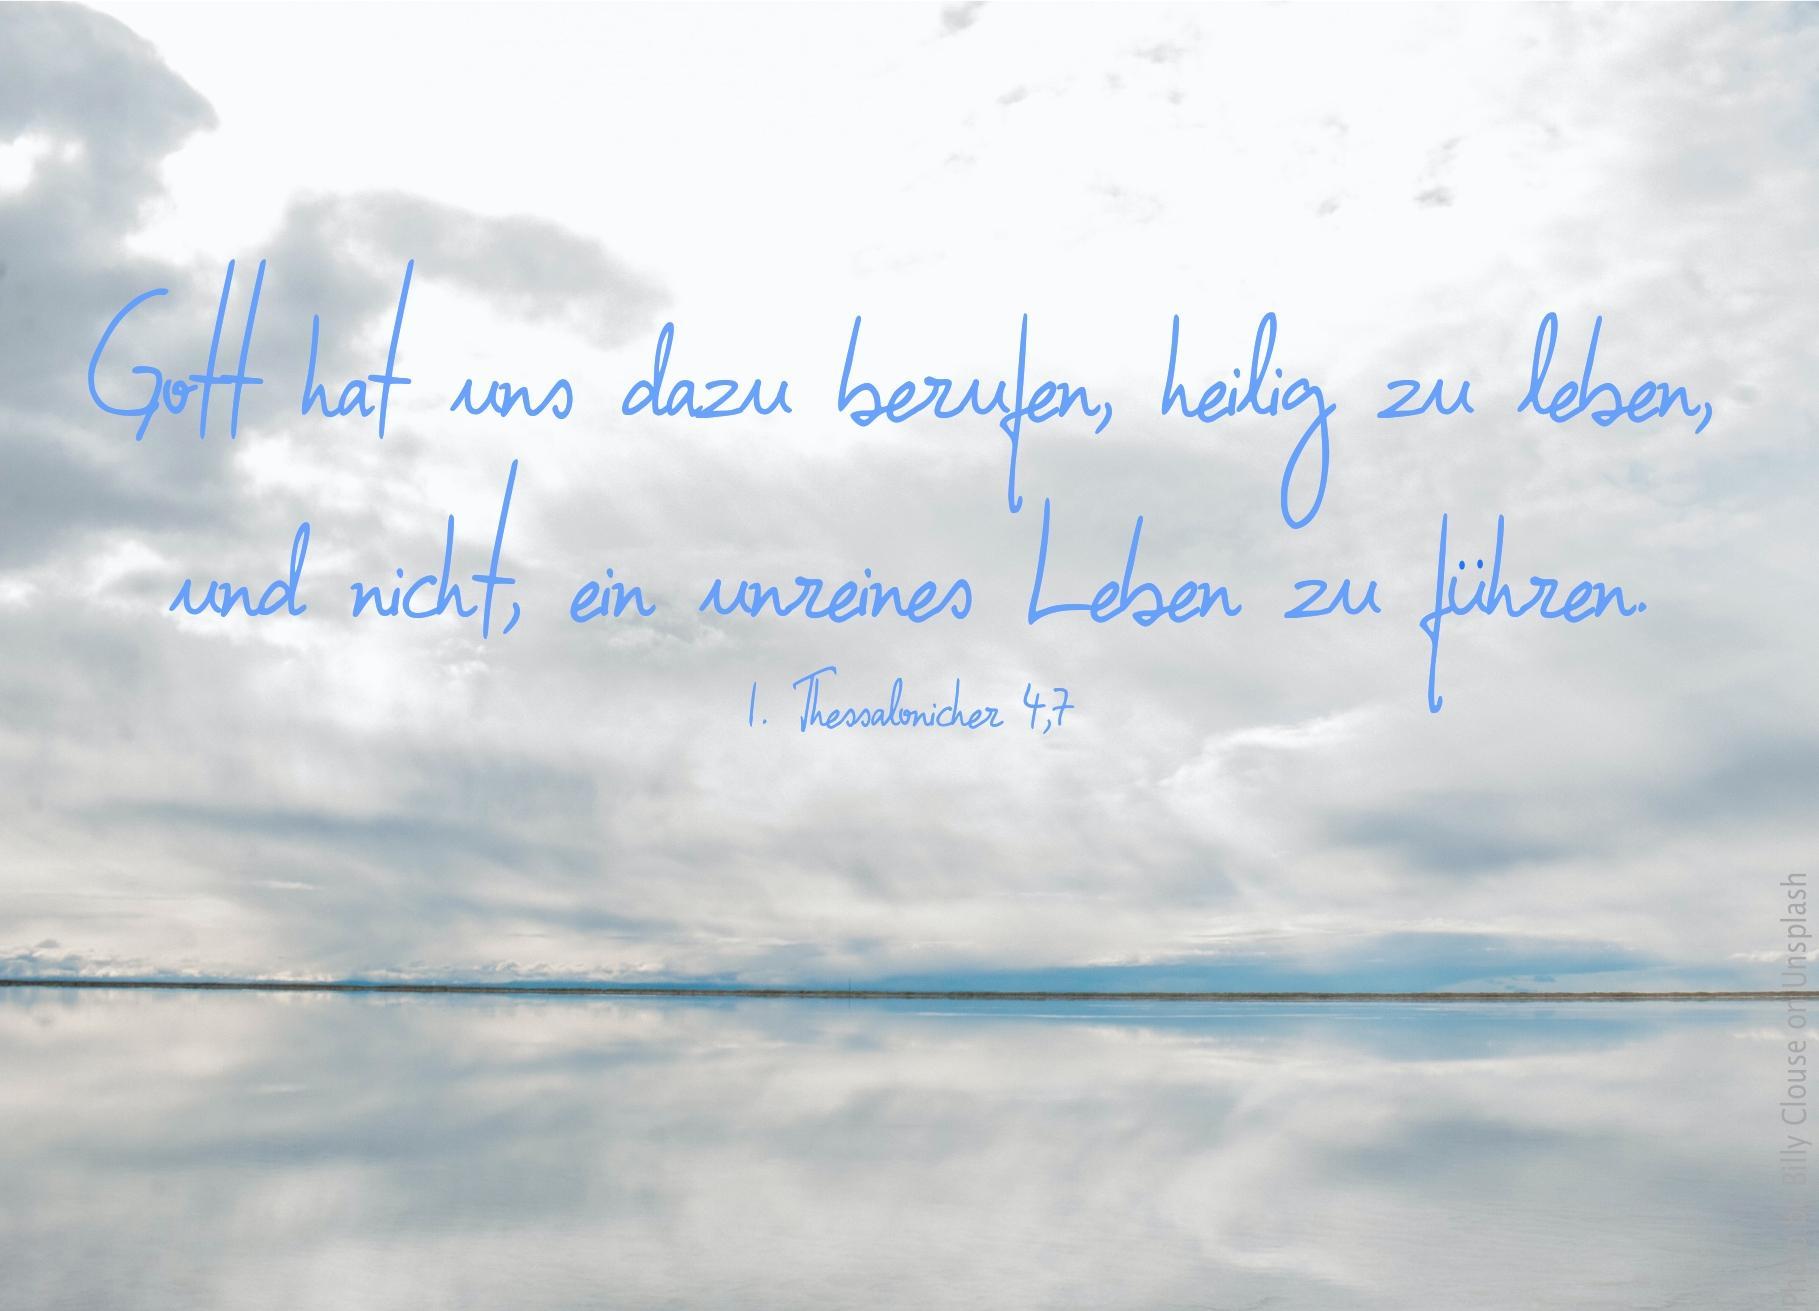 """alt=""""weiße_wolken_ueberm_wasser_erwartet_bibelhoerbuch_leben_wie_gott_es_will"""""""